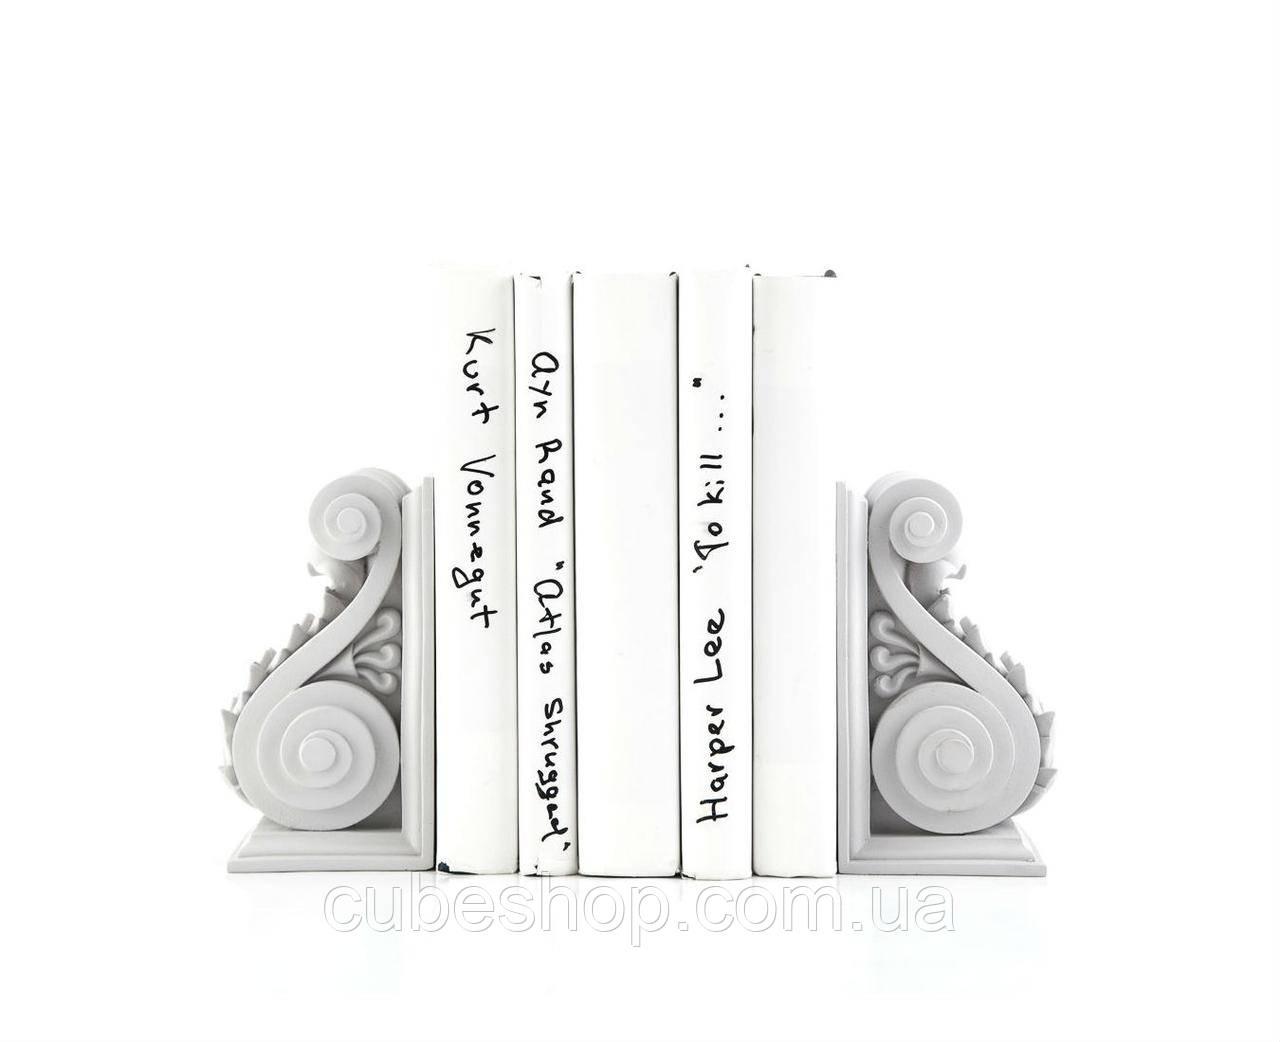 Держатели для книг Архитектурные (серые)